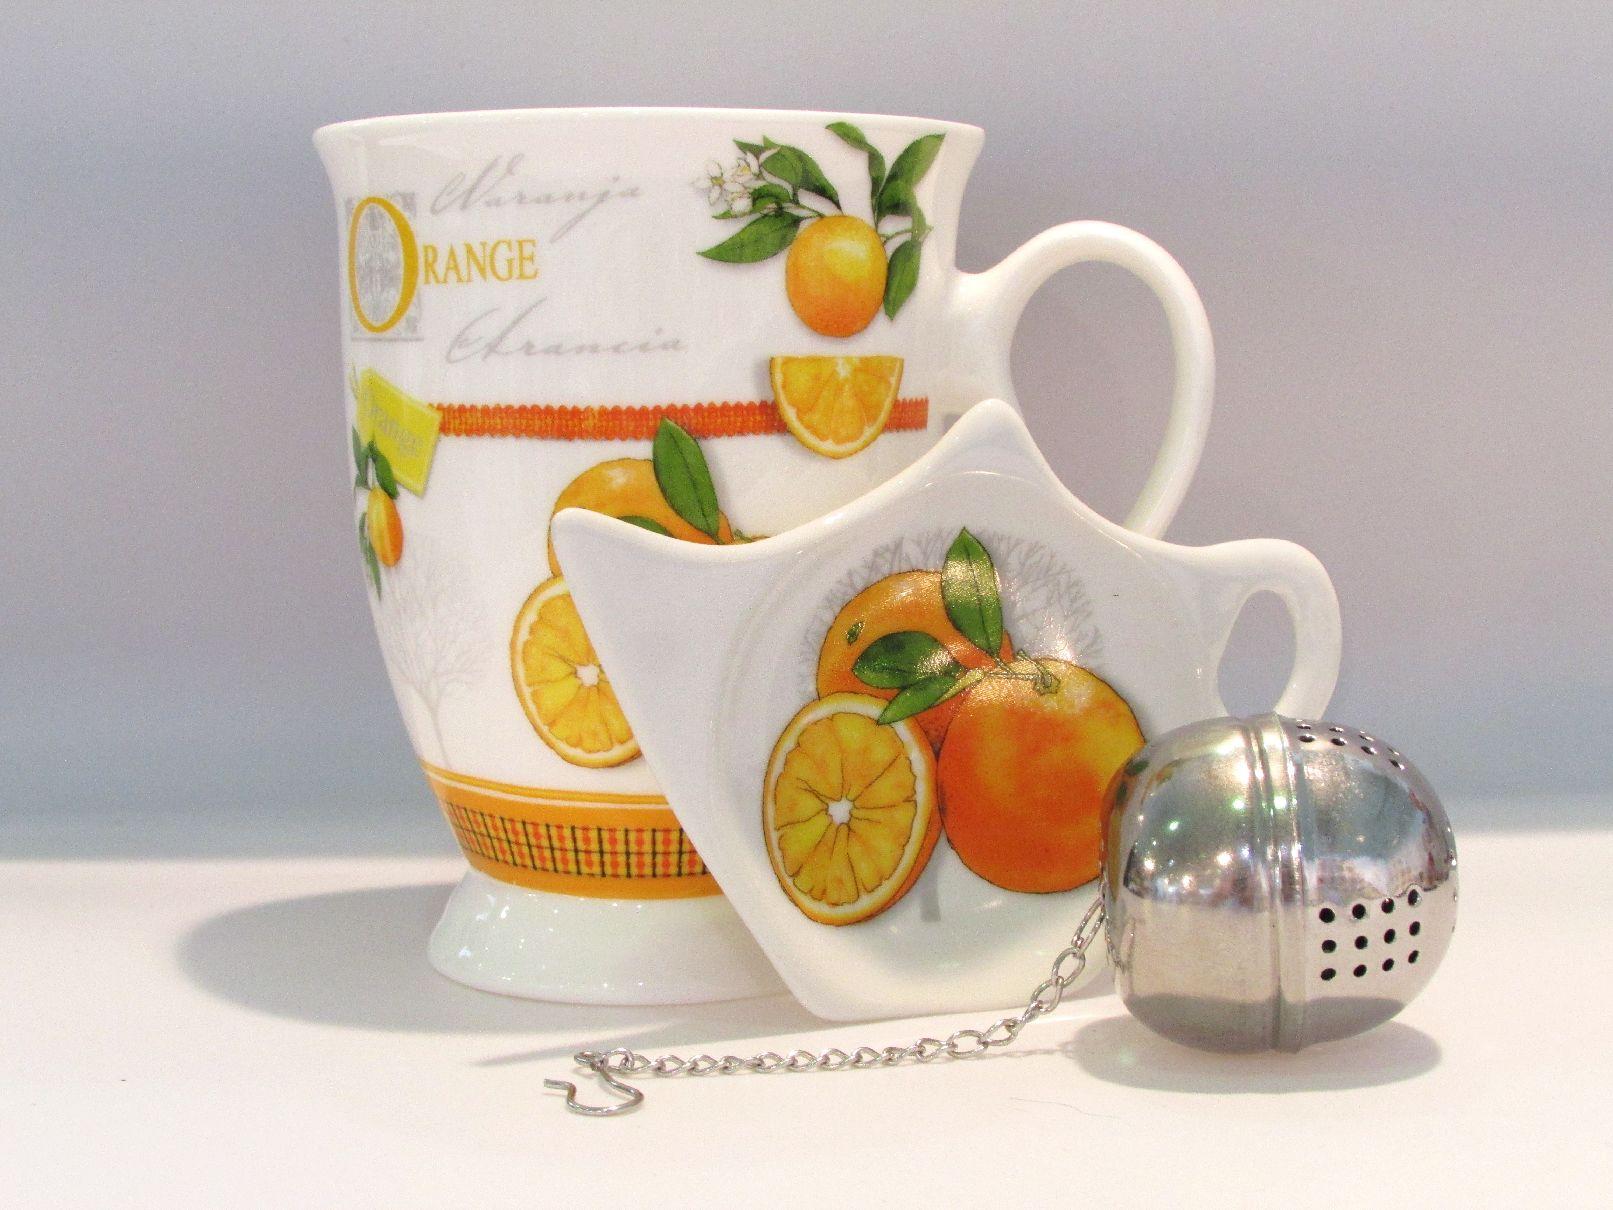 teeset becher mit teebeutelablage tee ei in geschenkbox orange zuhause tassen und becher. Black Bedroom Furniture Sets. Home Design Ideas